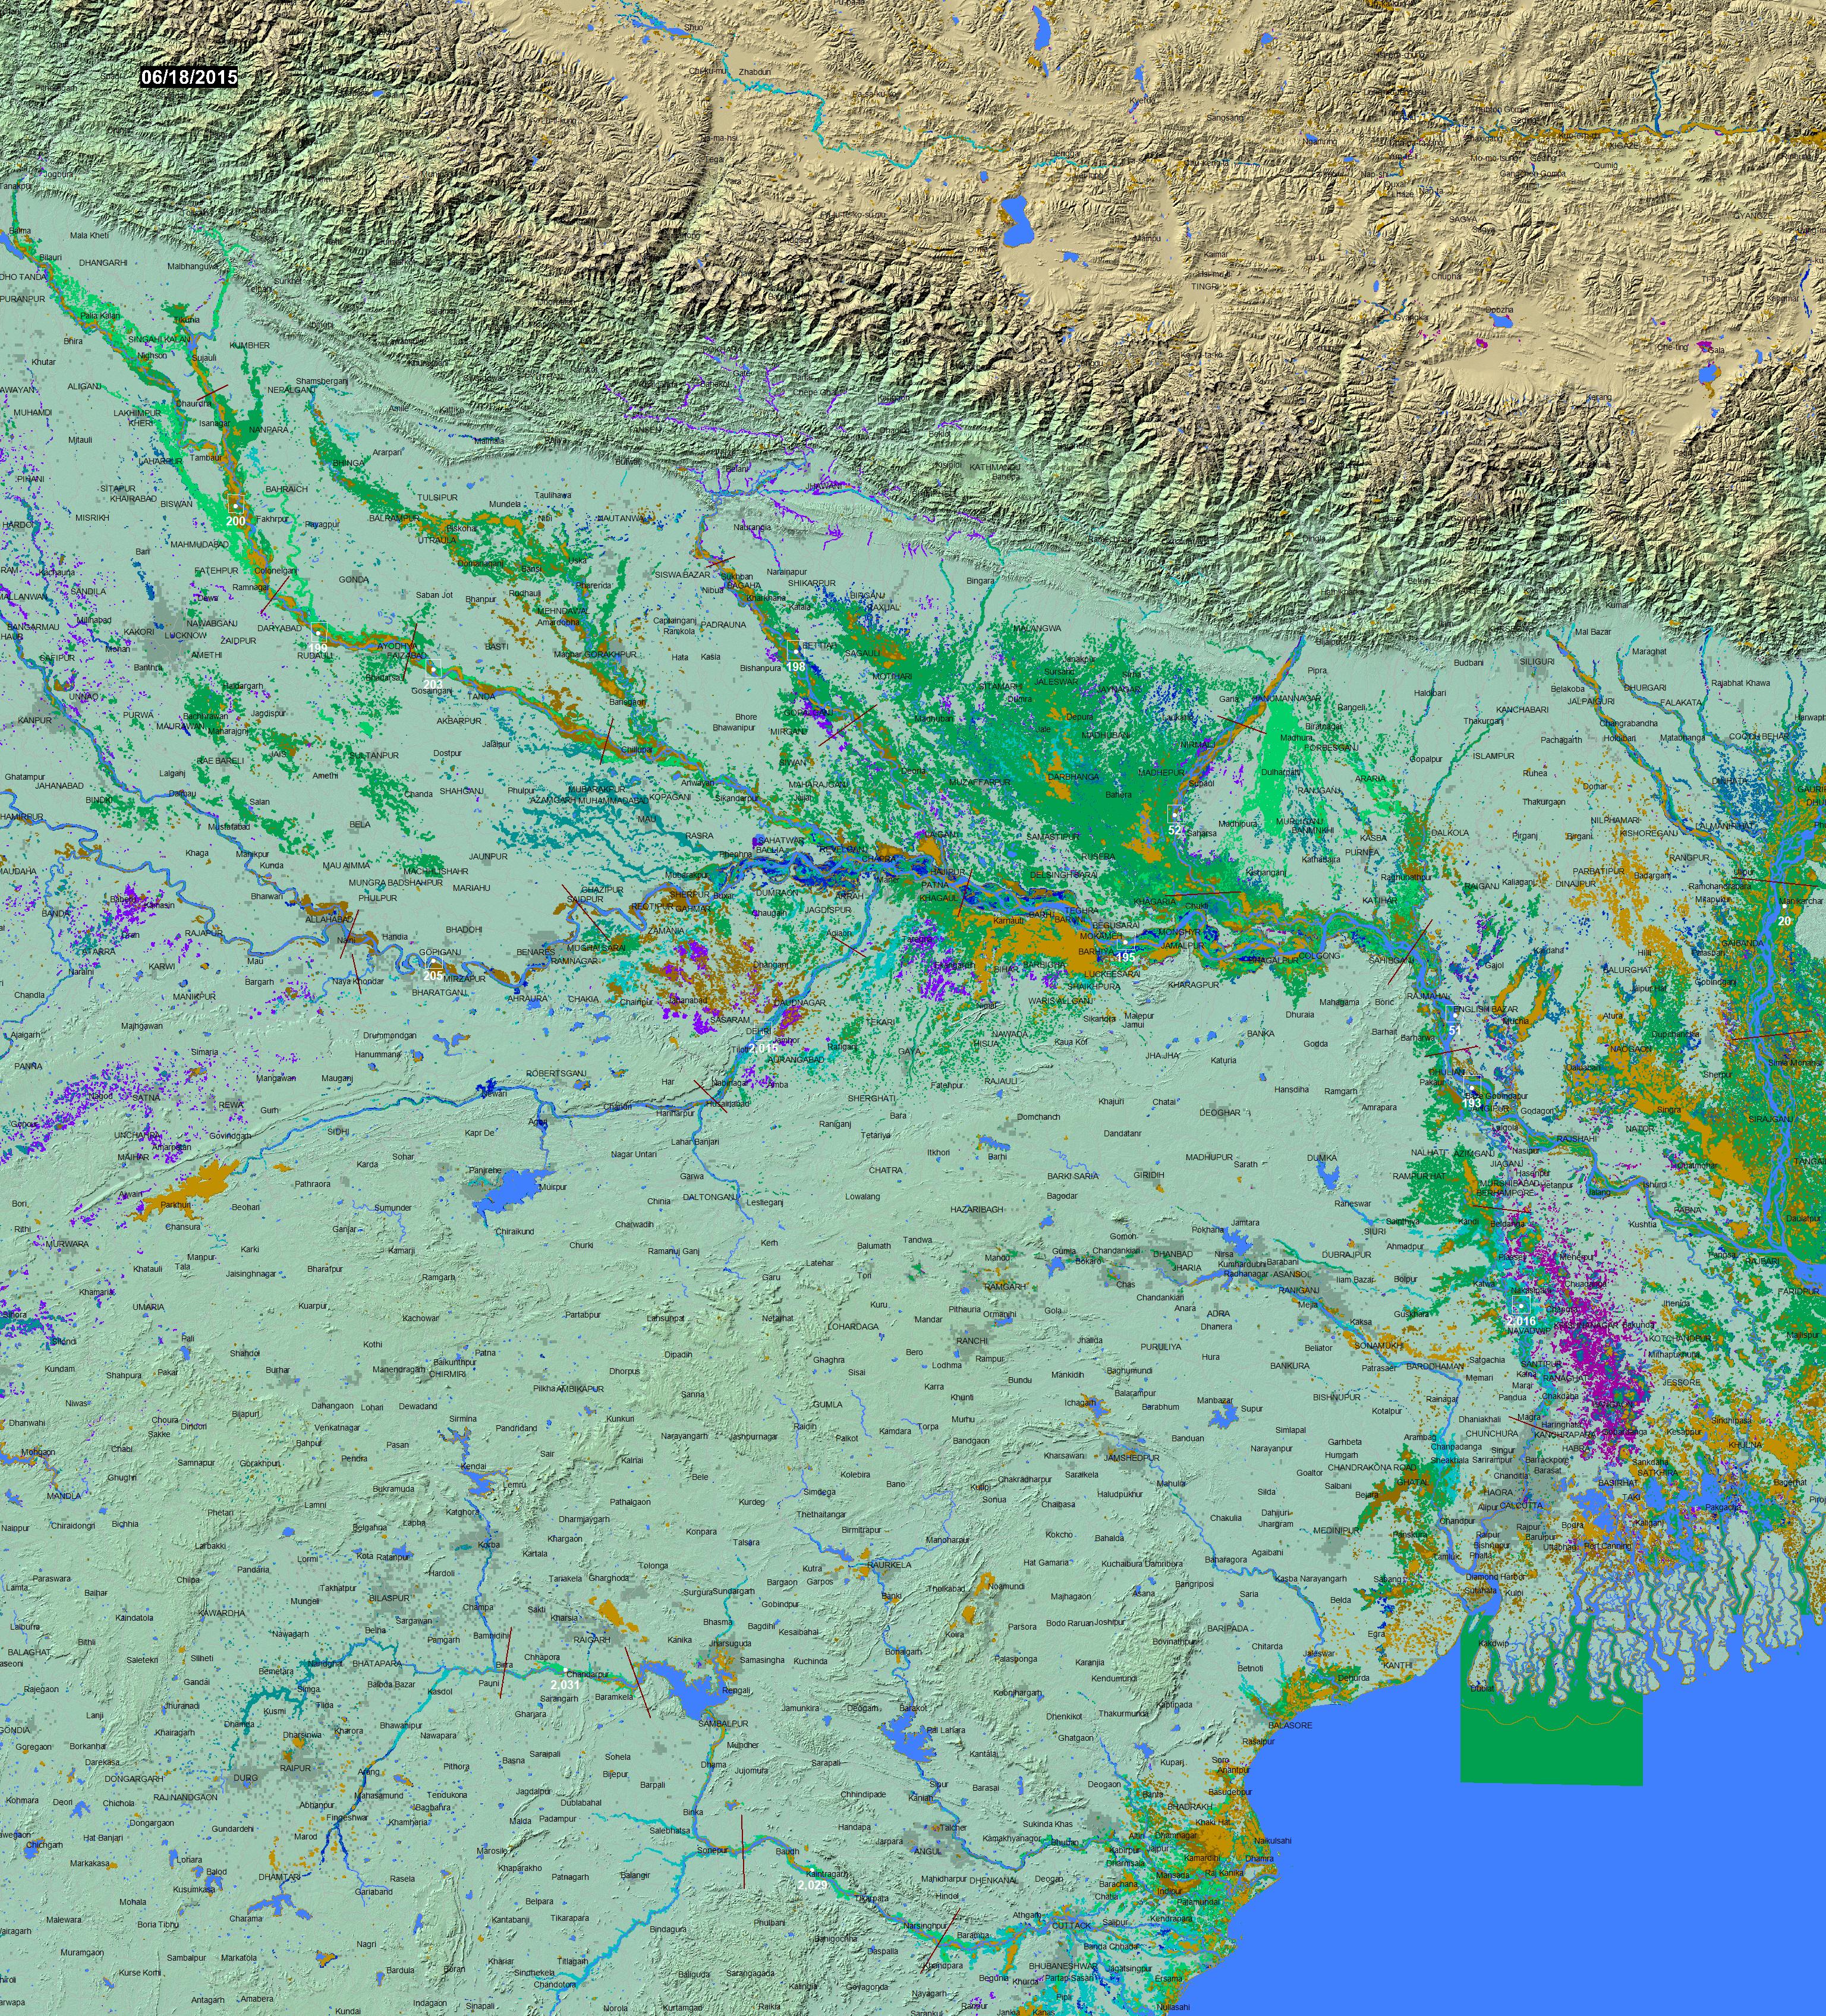 Global Atlas of Floodplains 080E030N on